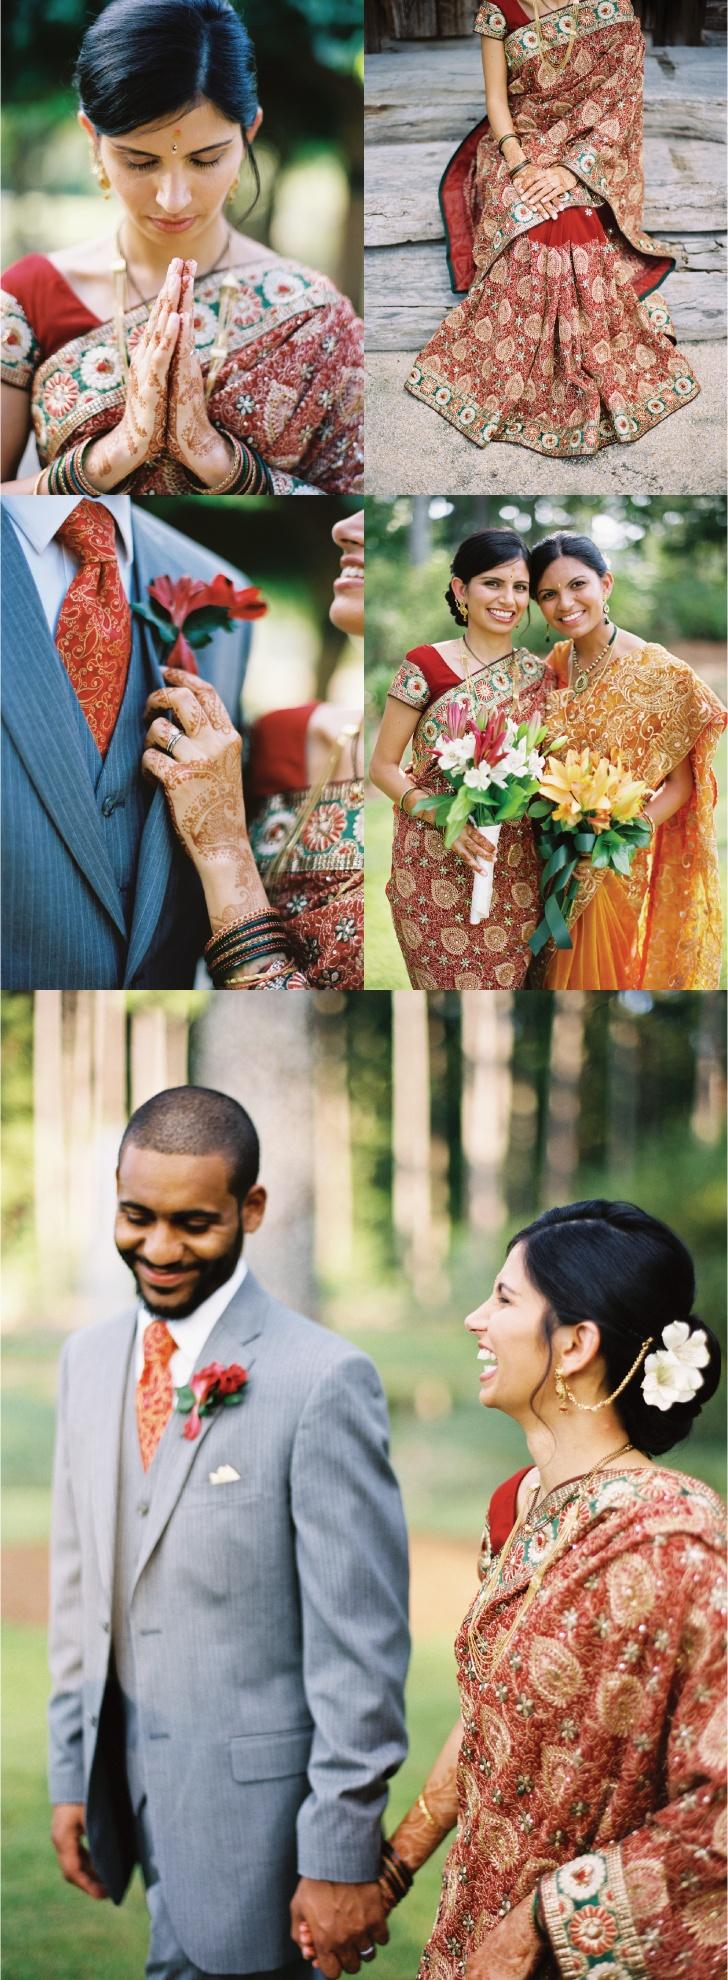 interfaith wedding via weddingnouveau.com